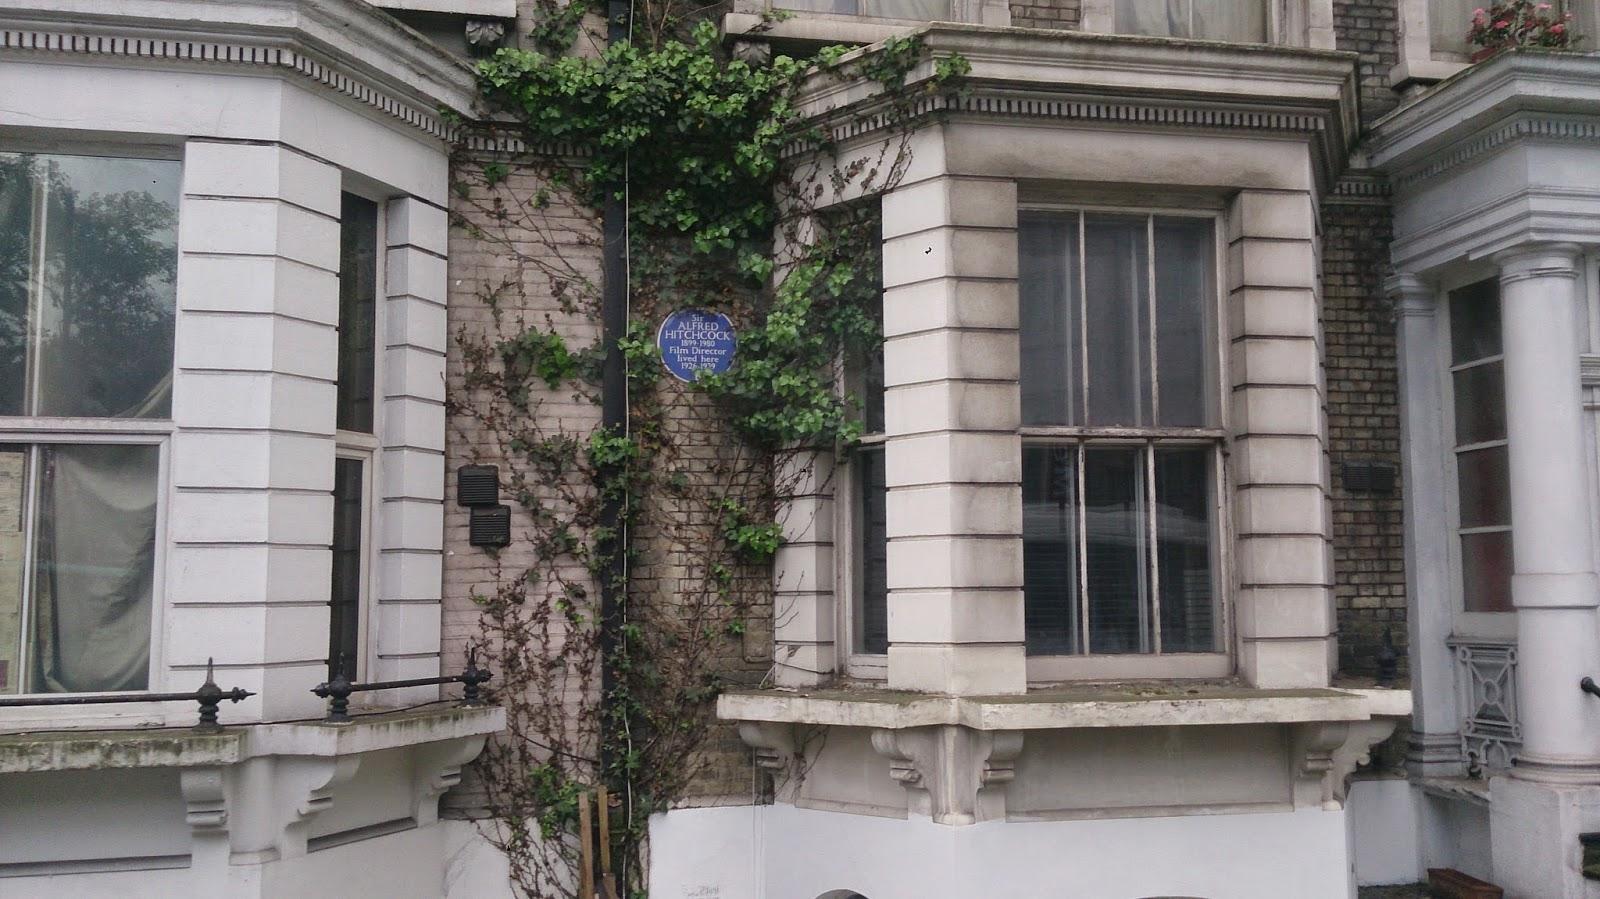 英國 單車 足球 聚舊之旅 倫敦 大導演希治閣 住所